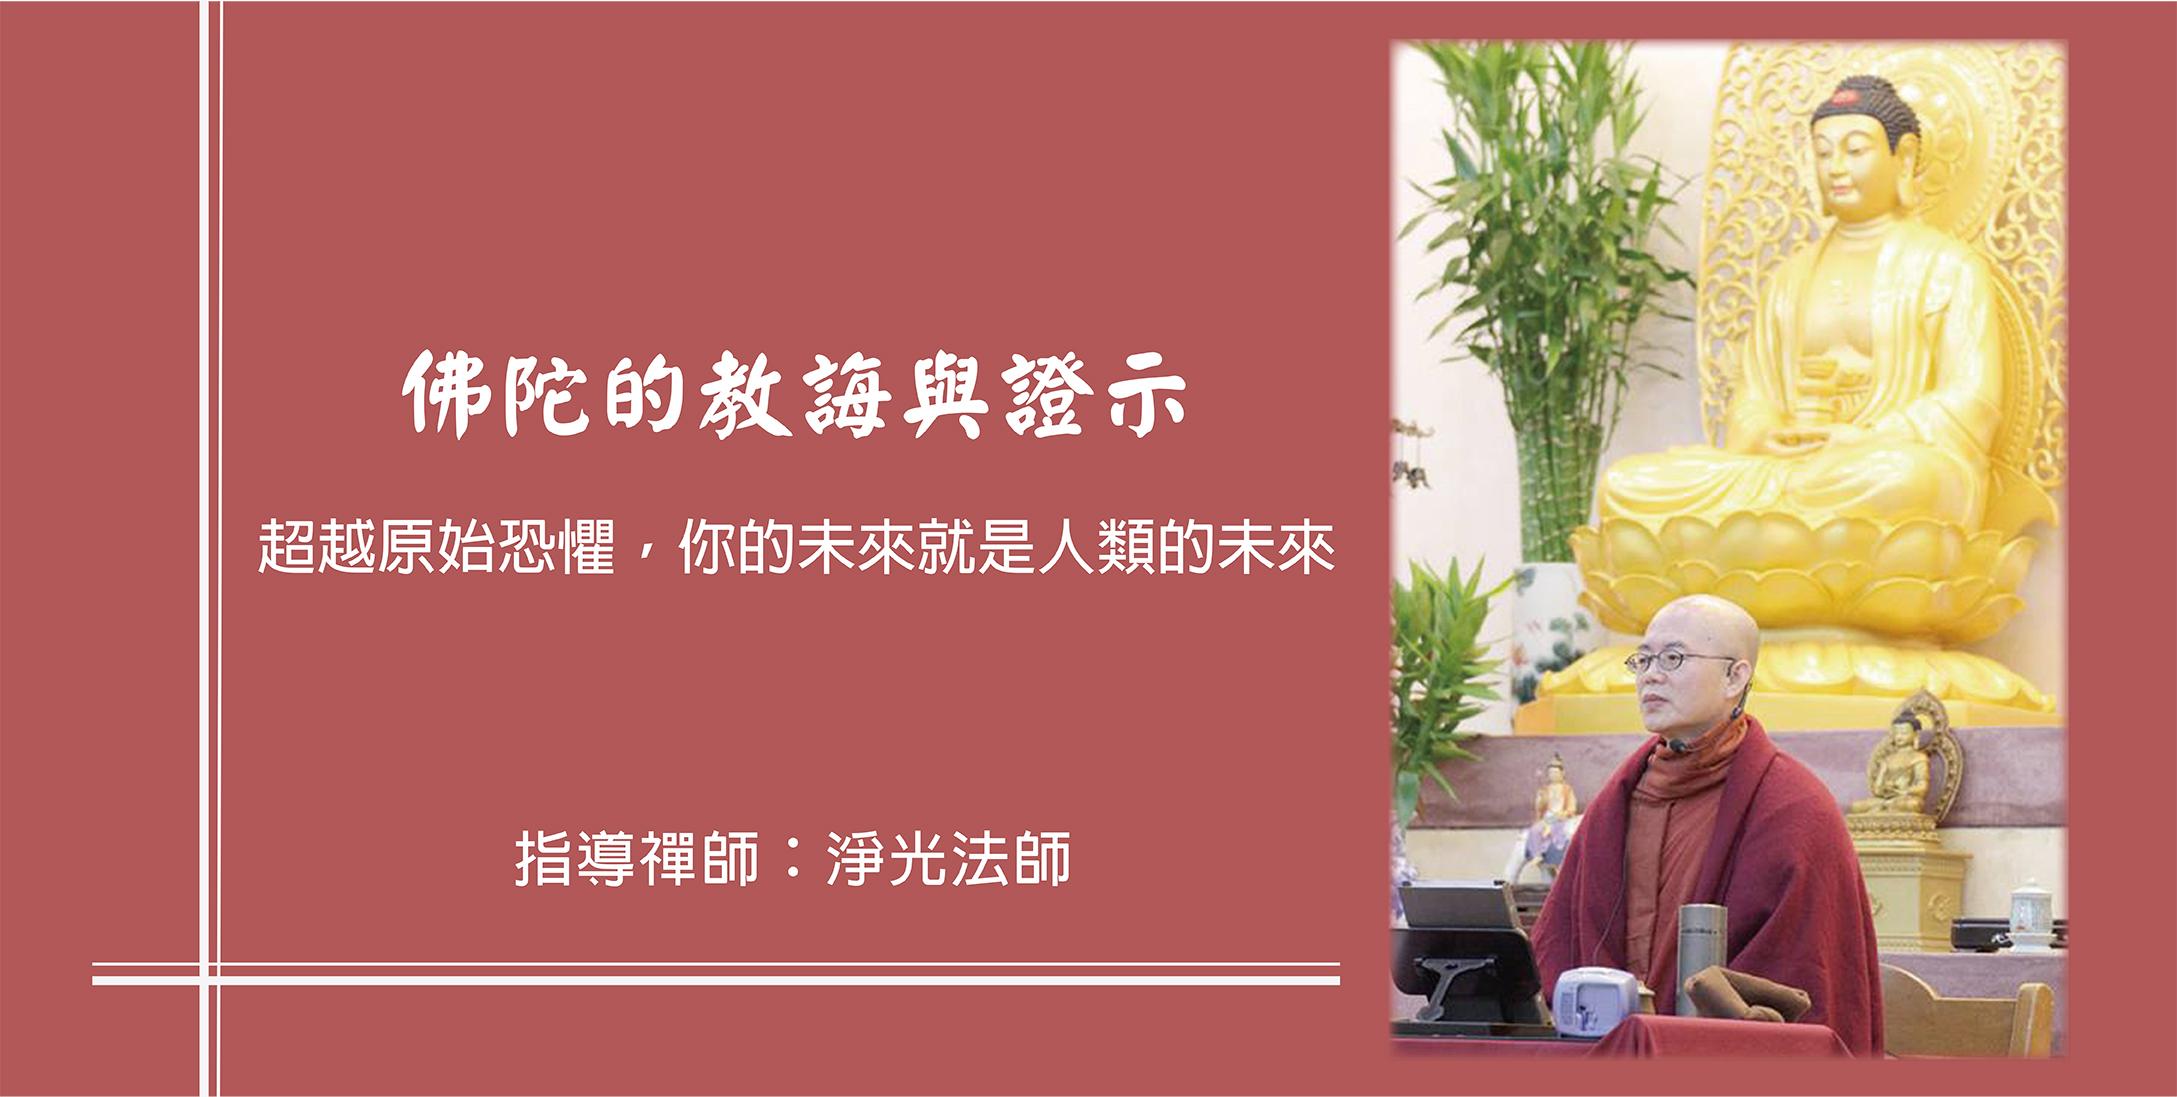 主題:佛陀的教誨與證示  —— 超越原始恐懼,你的未來就是人類的未來